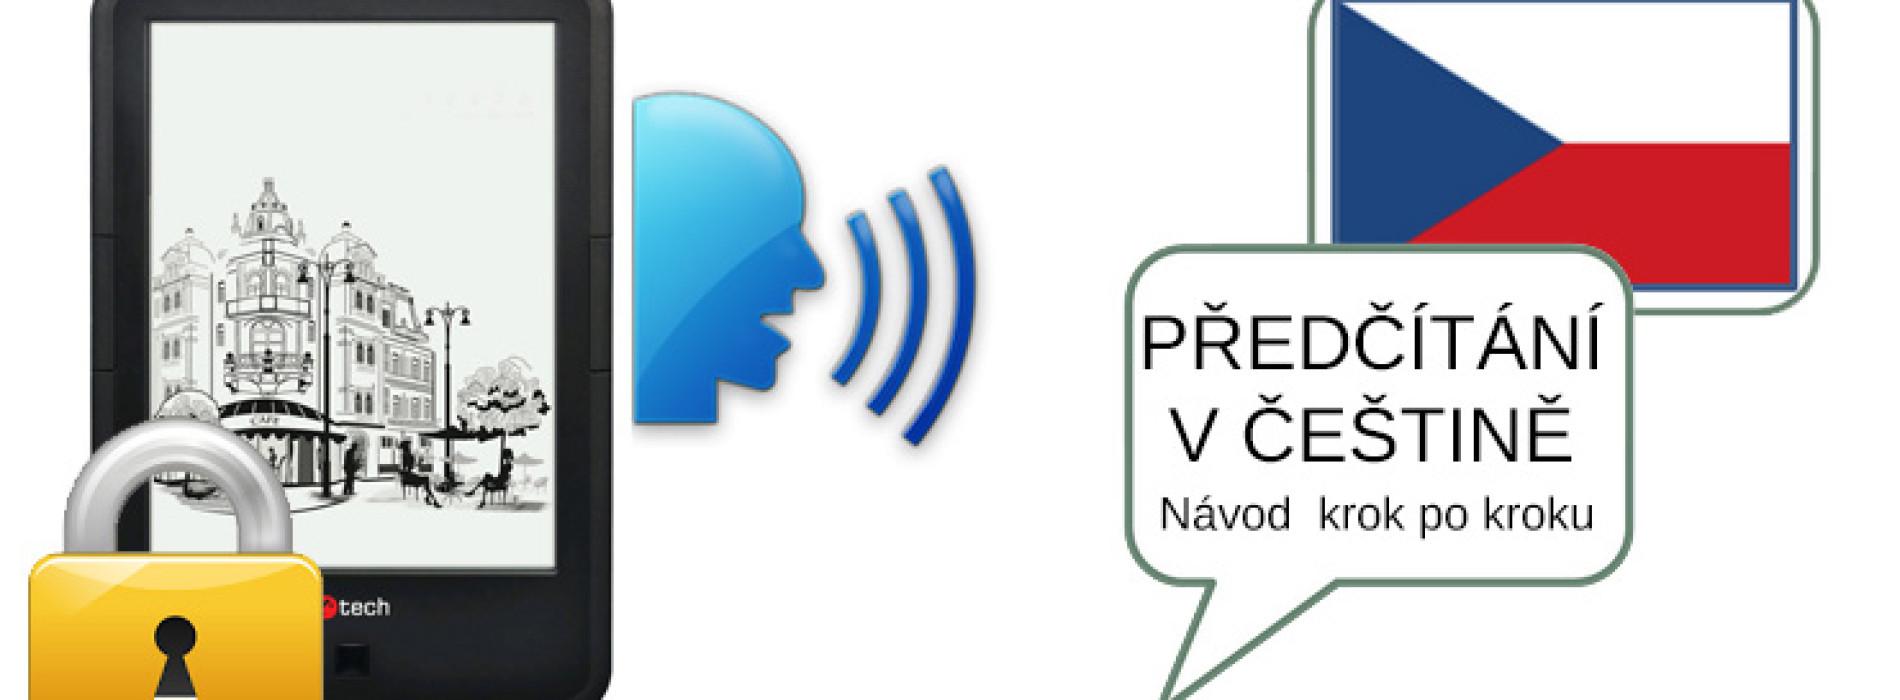 Chráněno: Návod na instalaci českého předčítání do čtečky C-Tech Lexis